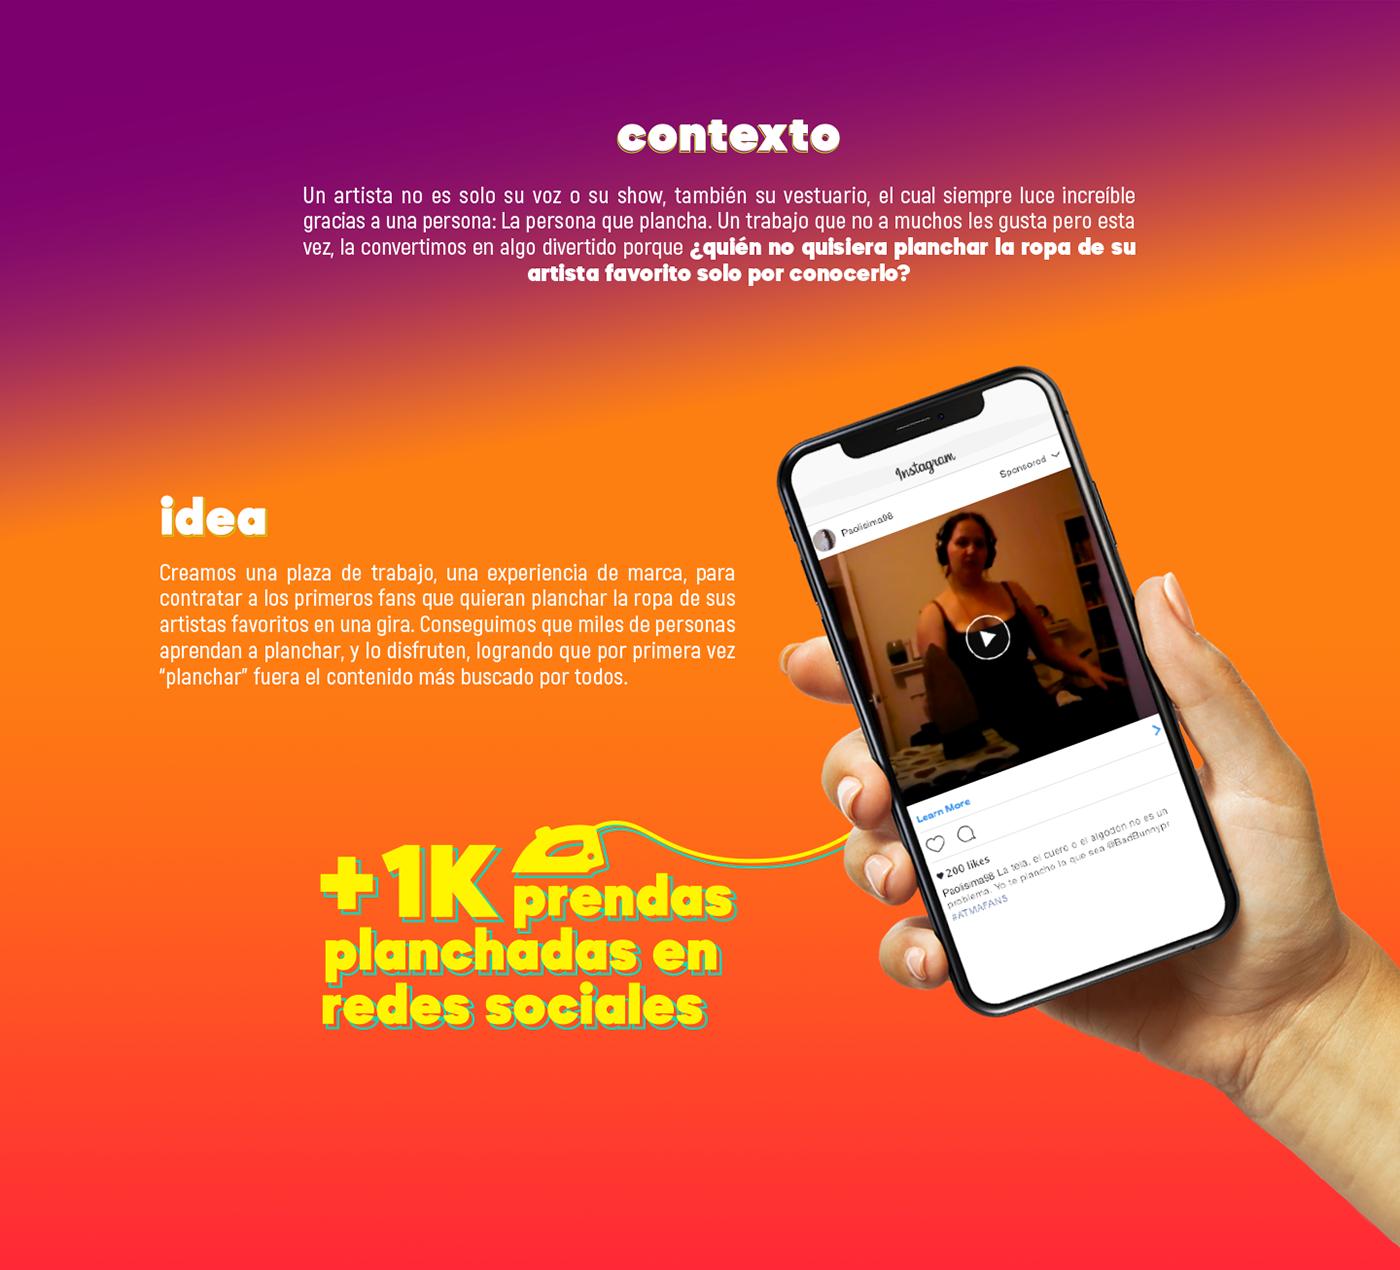 ATMA contratados creatividad Ecuador fans iberoamerica nuevos ojo publicidad talentos